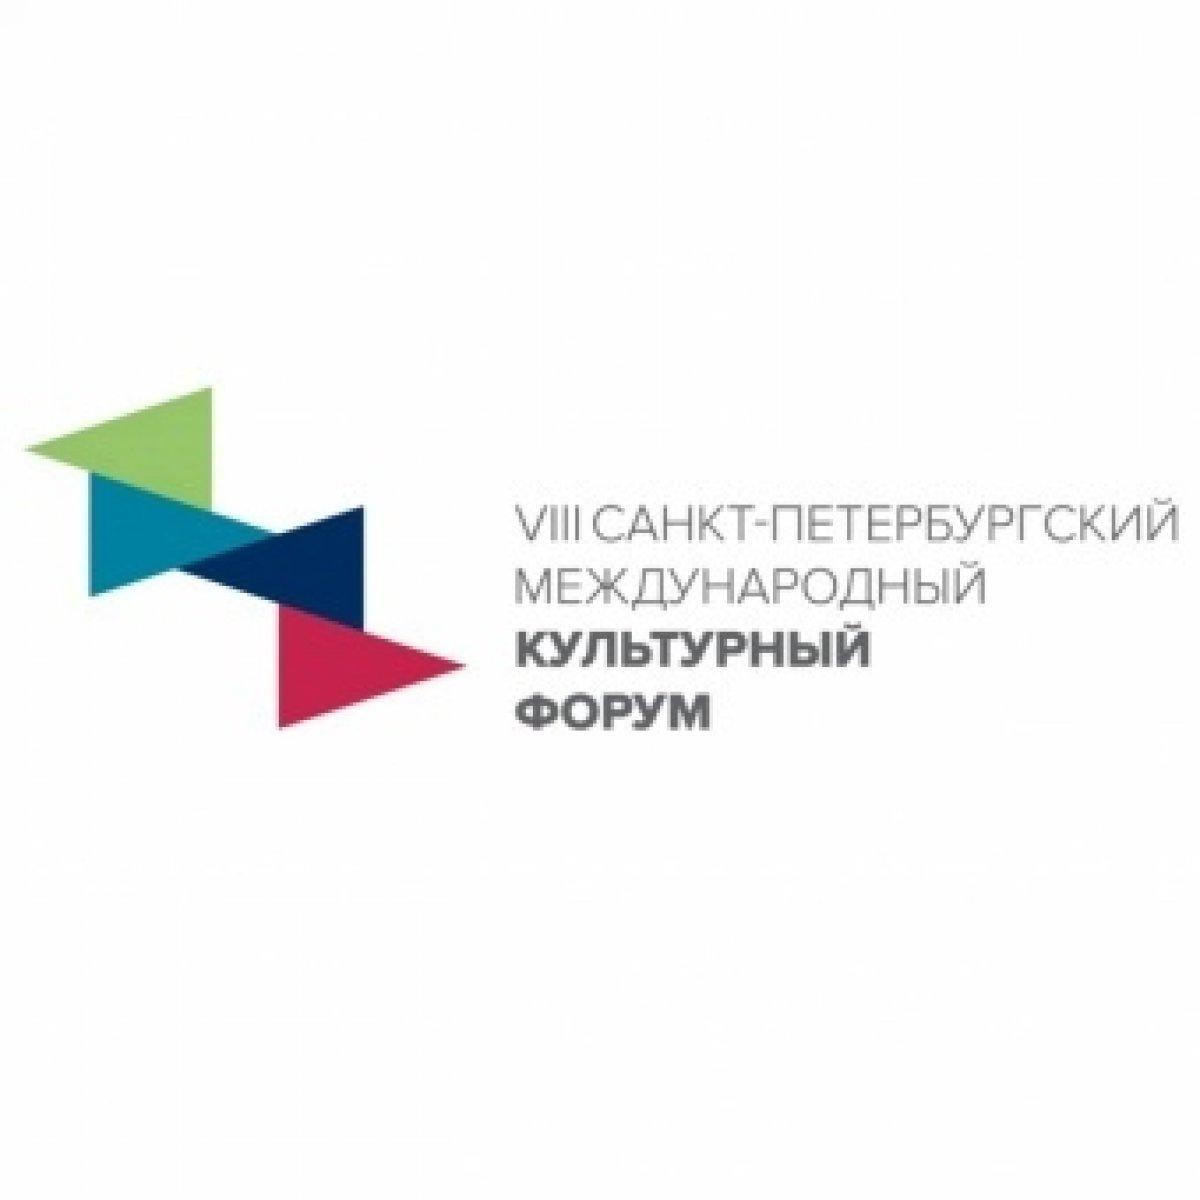 🎪14 и 15 ноября в РГИСИ пройдут мастер-классы секции Цирк и уличный театр VIII Санкт-Петербургского международного культурного форума.